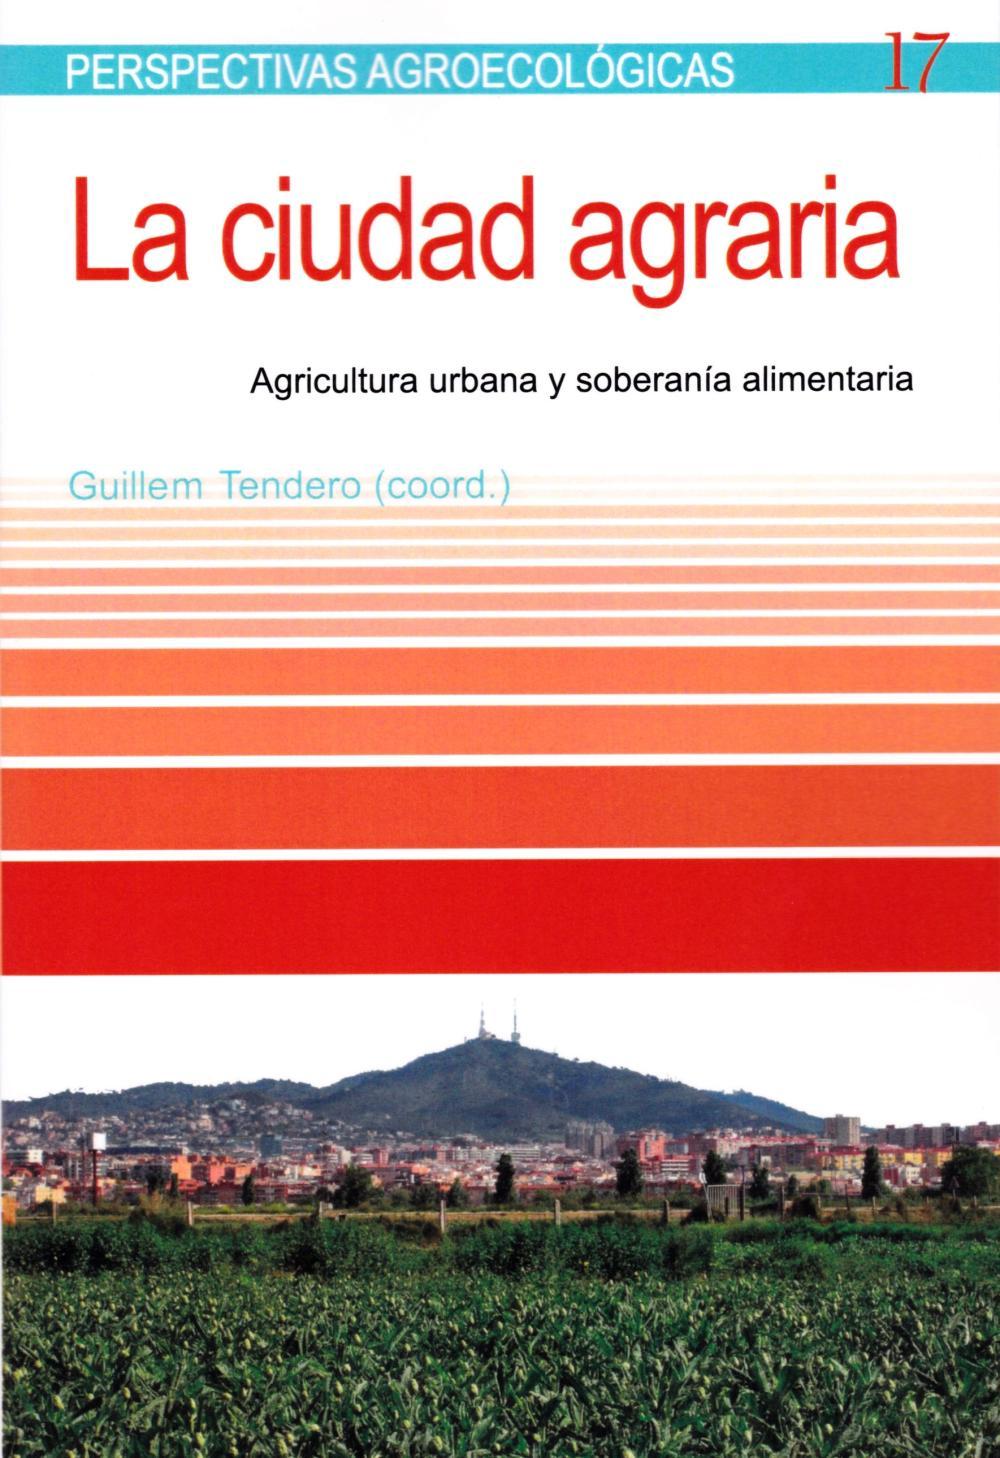 La ciudad agraria